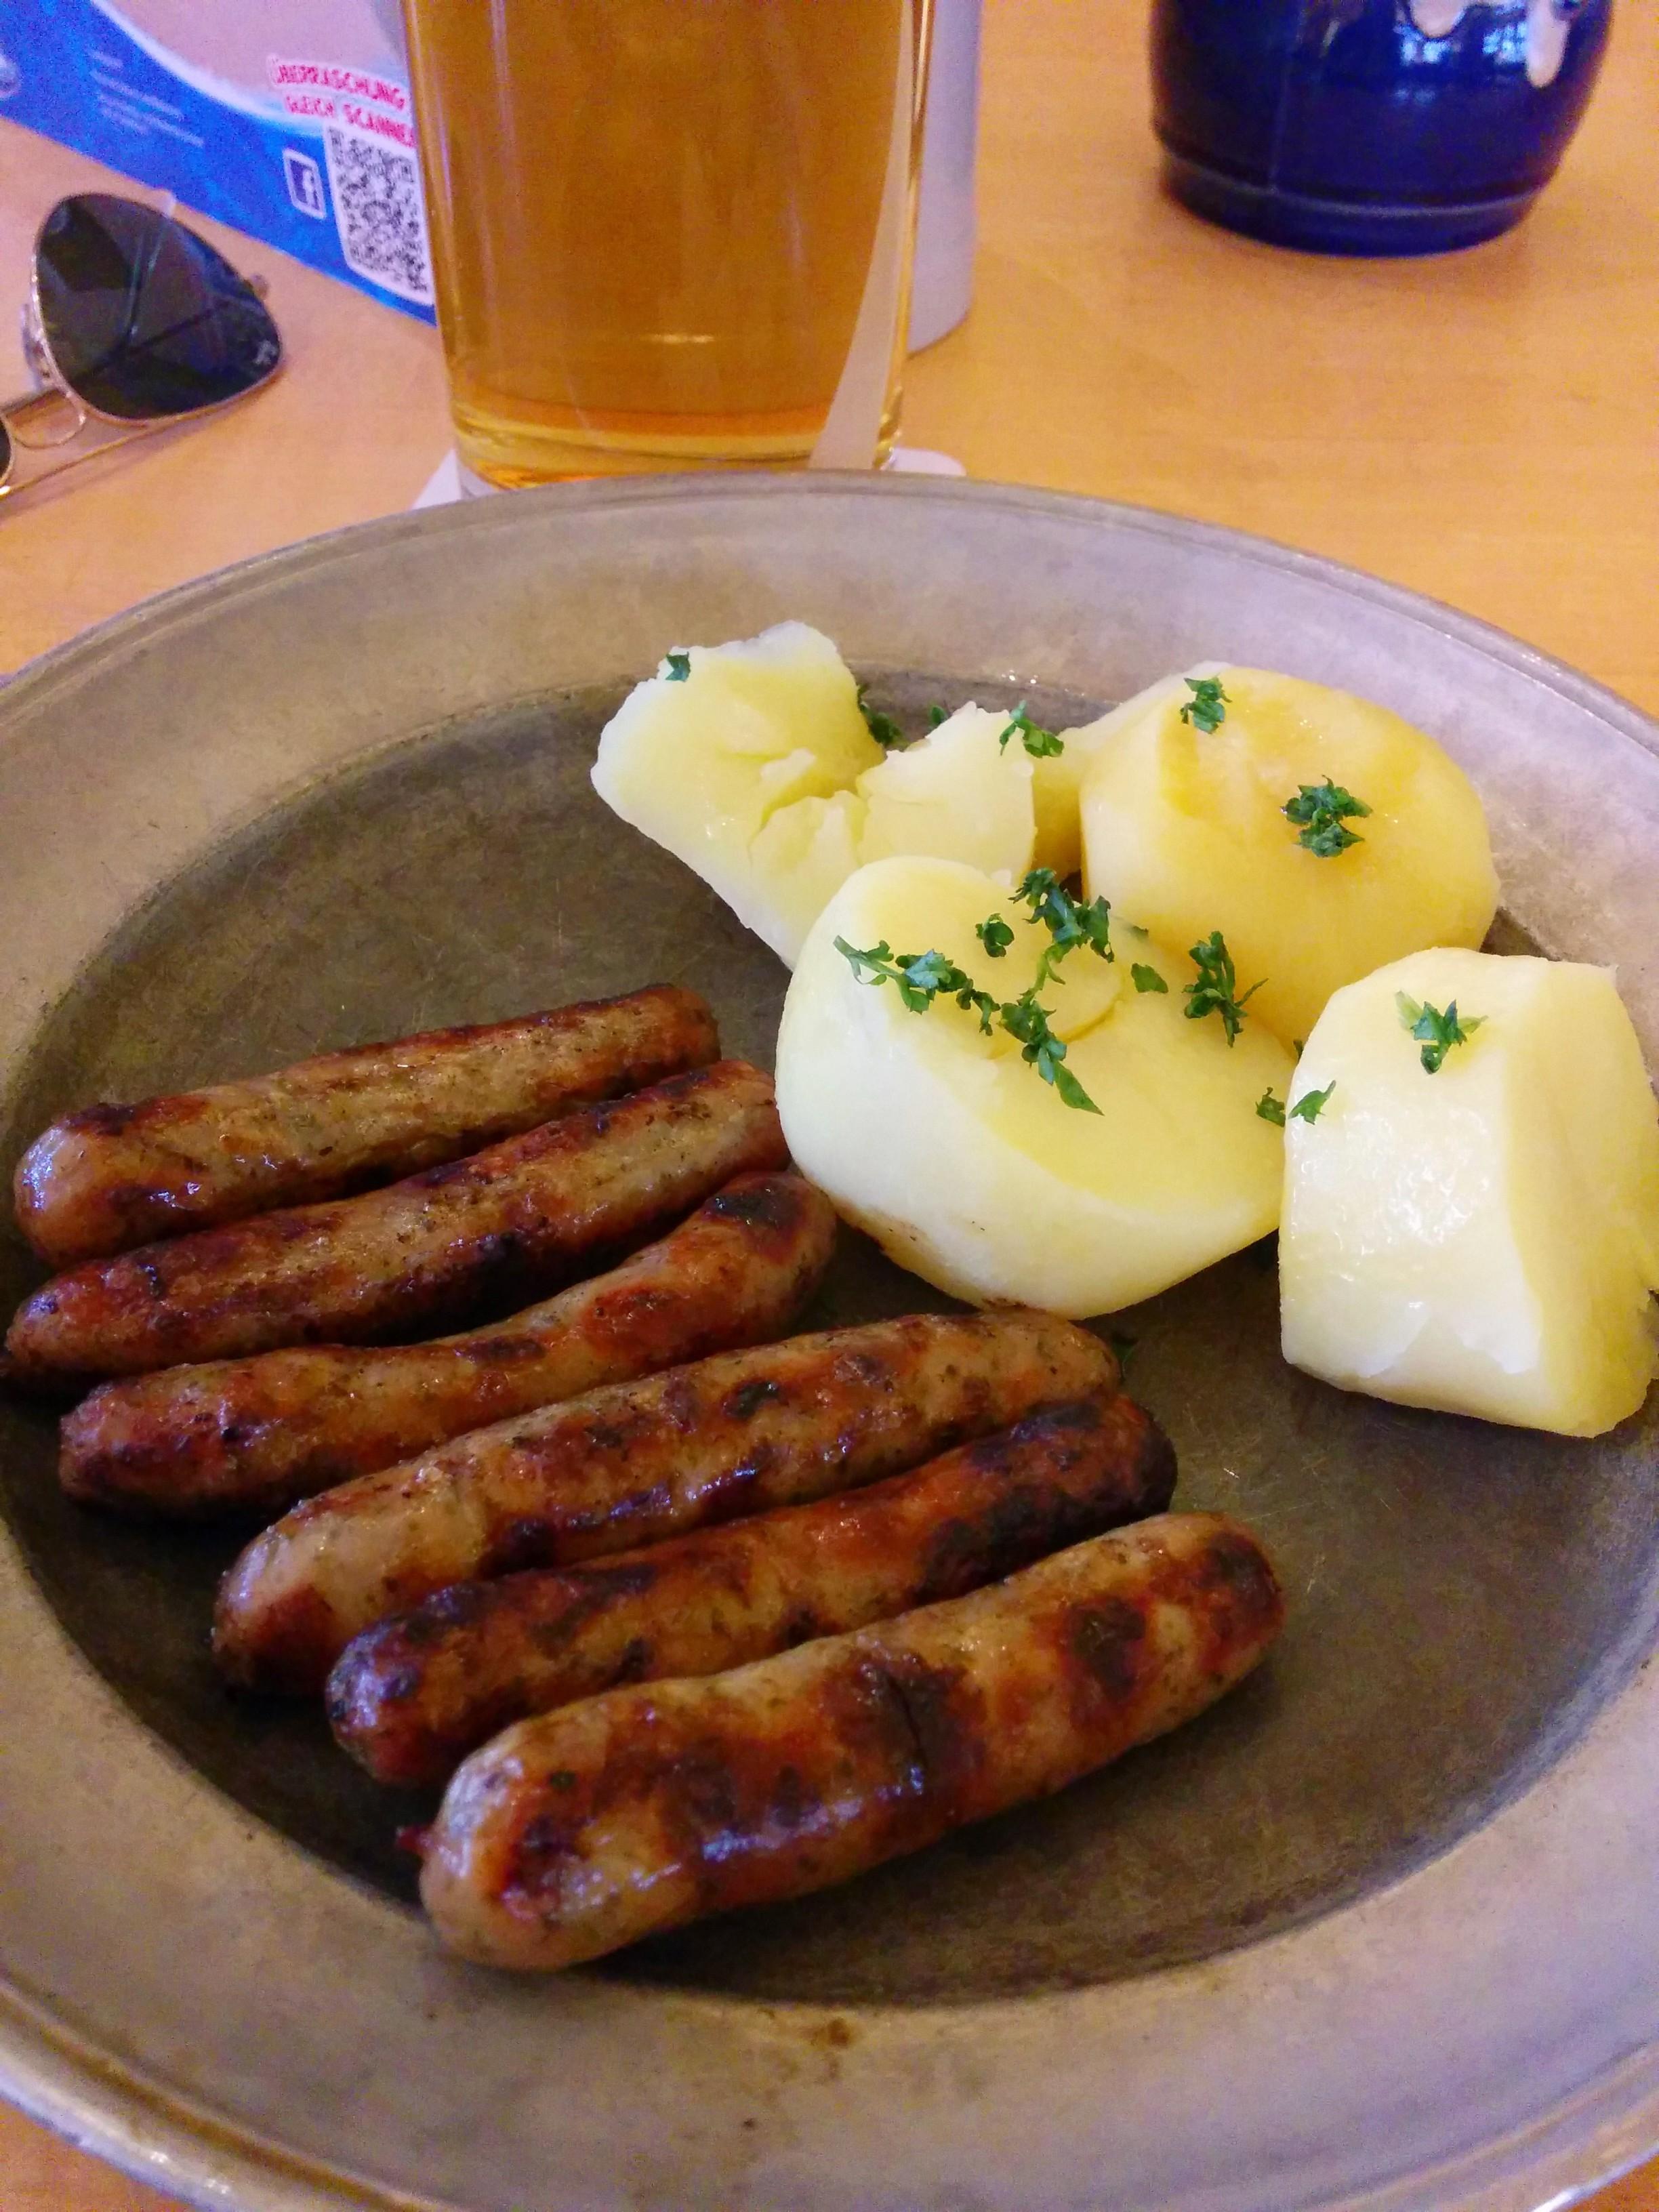 Gluten-free Nuernberger bratwurst